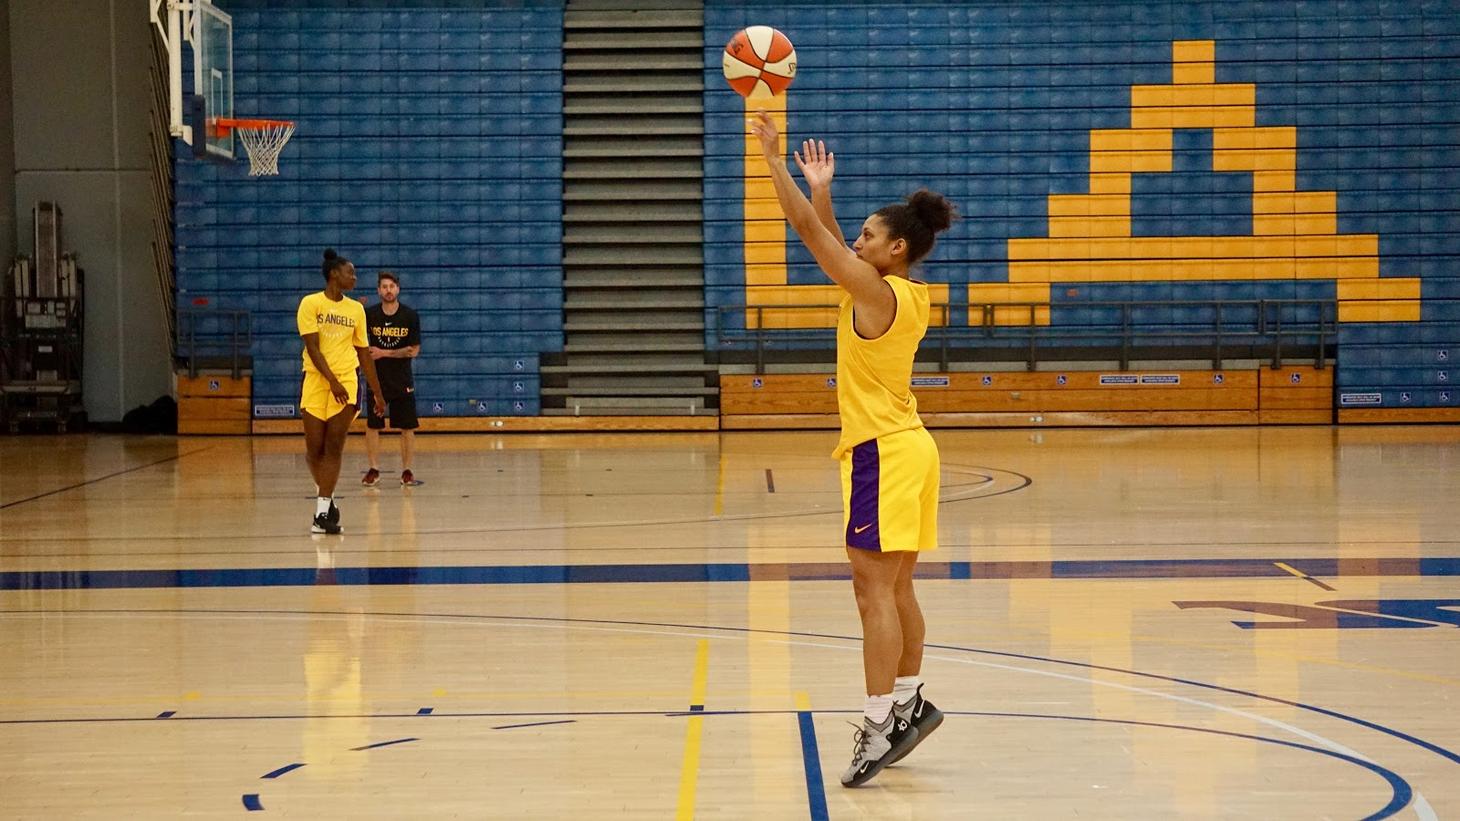 An LA Sparks team member making a shot